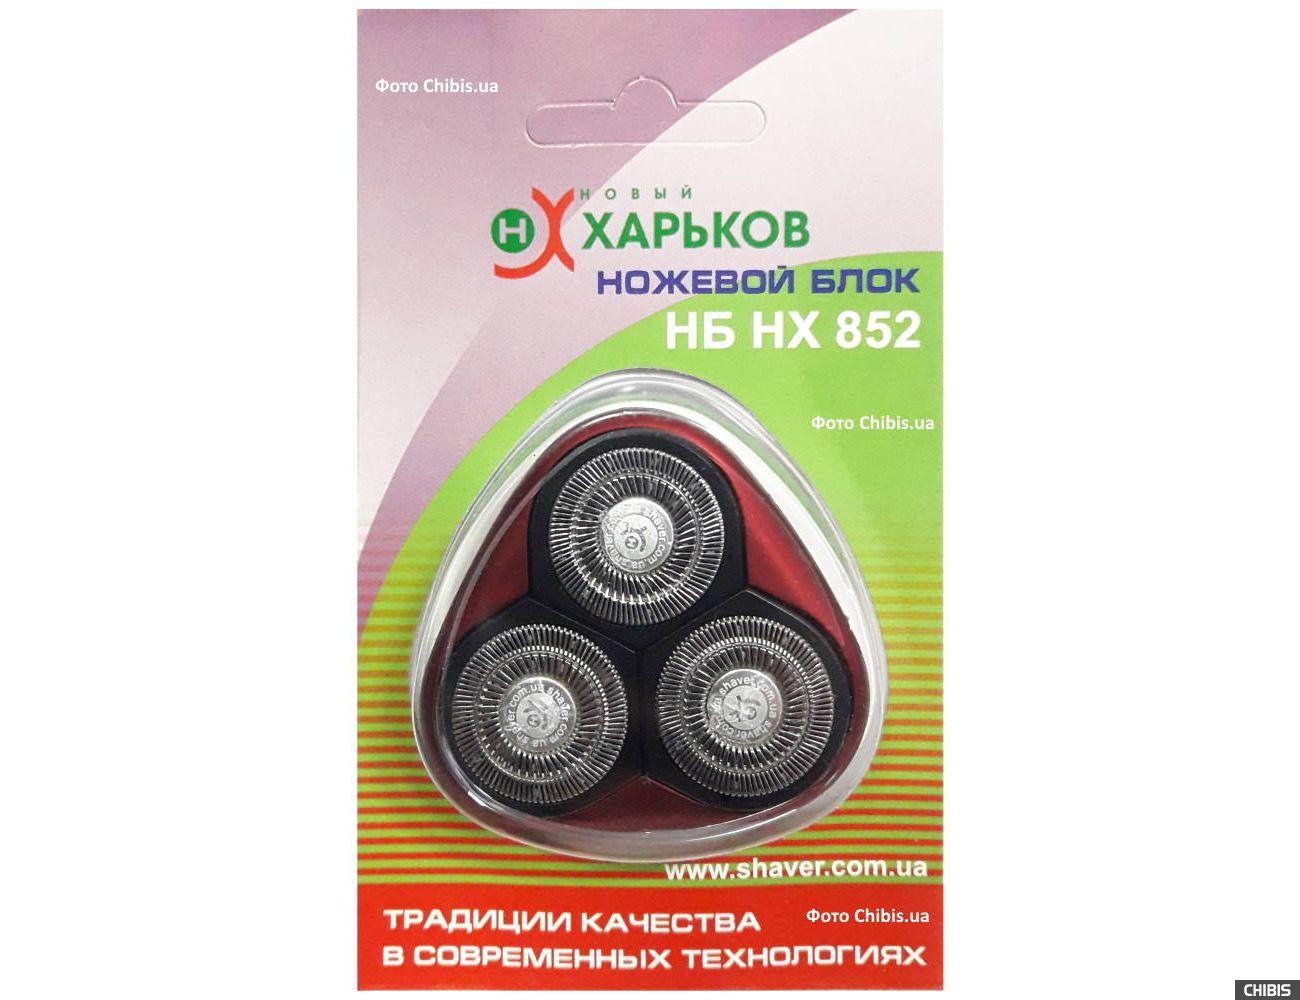 Бритвенный блок Новый Харьков НХ-852 для 2012 Fanat красный